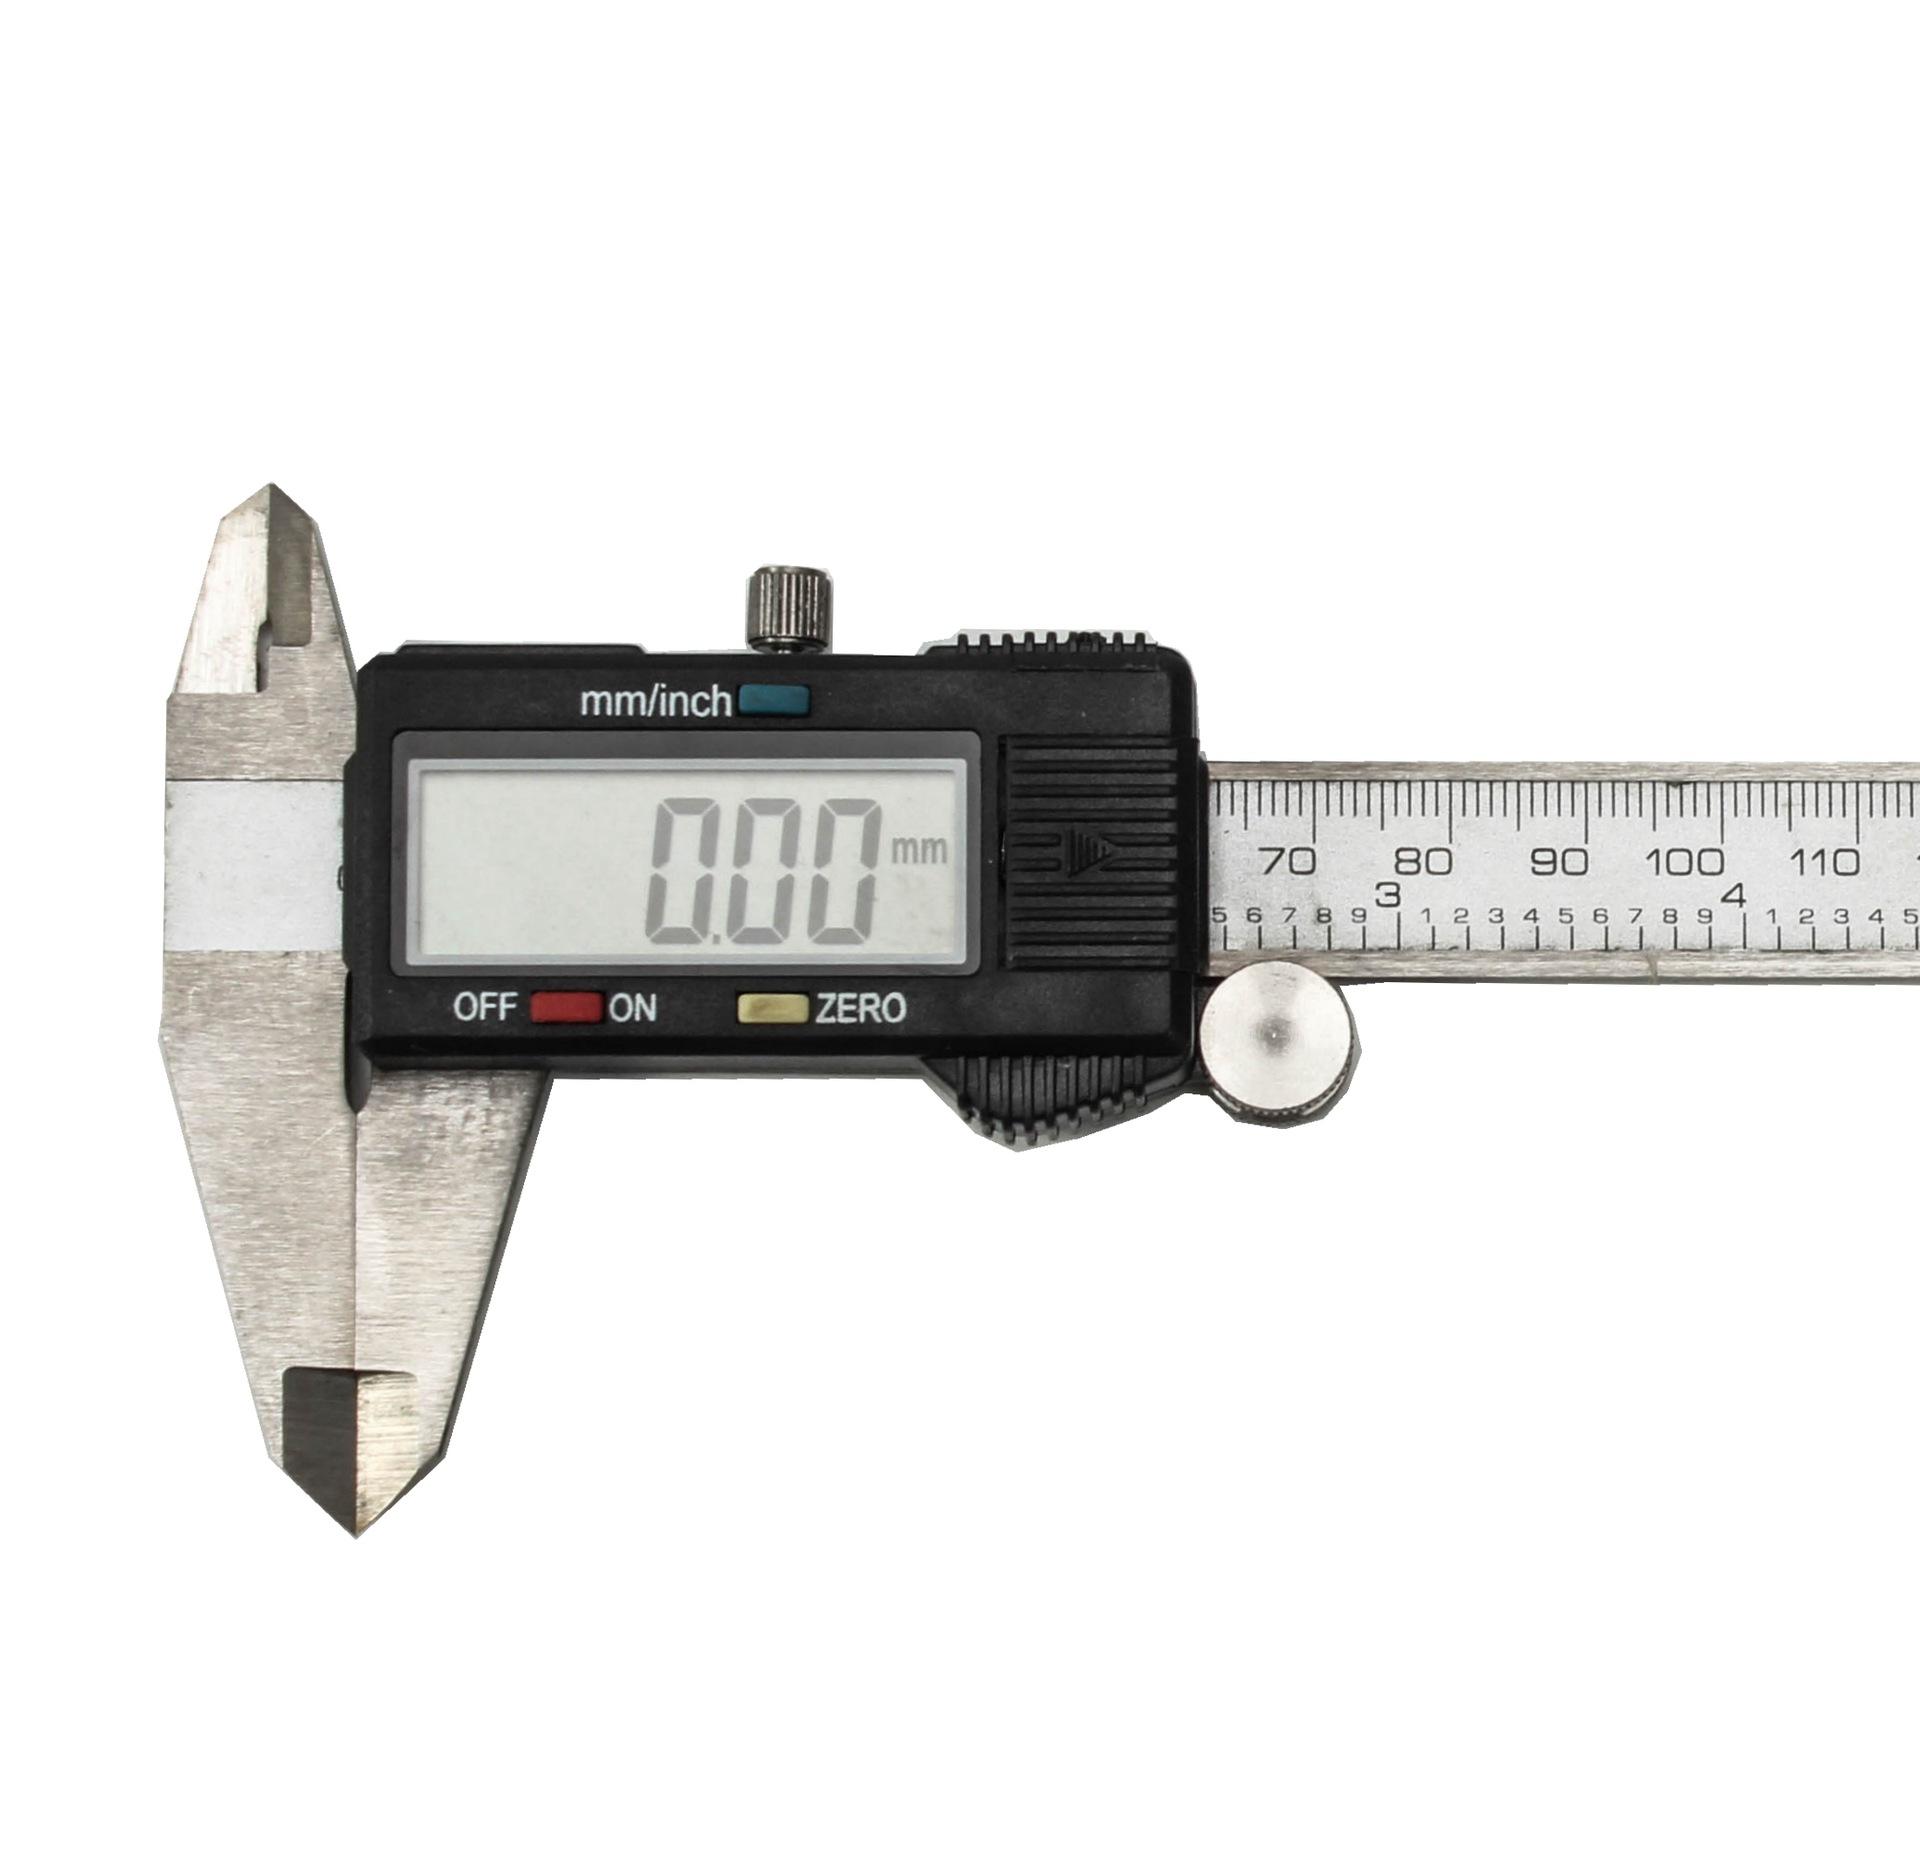 RONGGONG Dụng cụ đo lường Caliper điện tử kỹ thuật số caliper vernier công cụ đo caliper xuất khẩu h